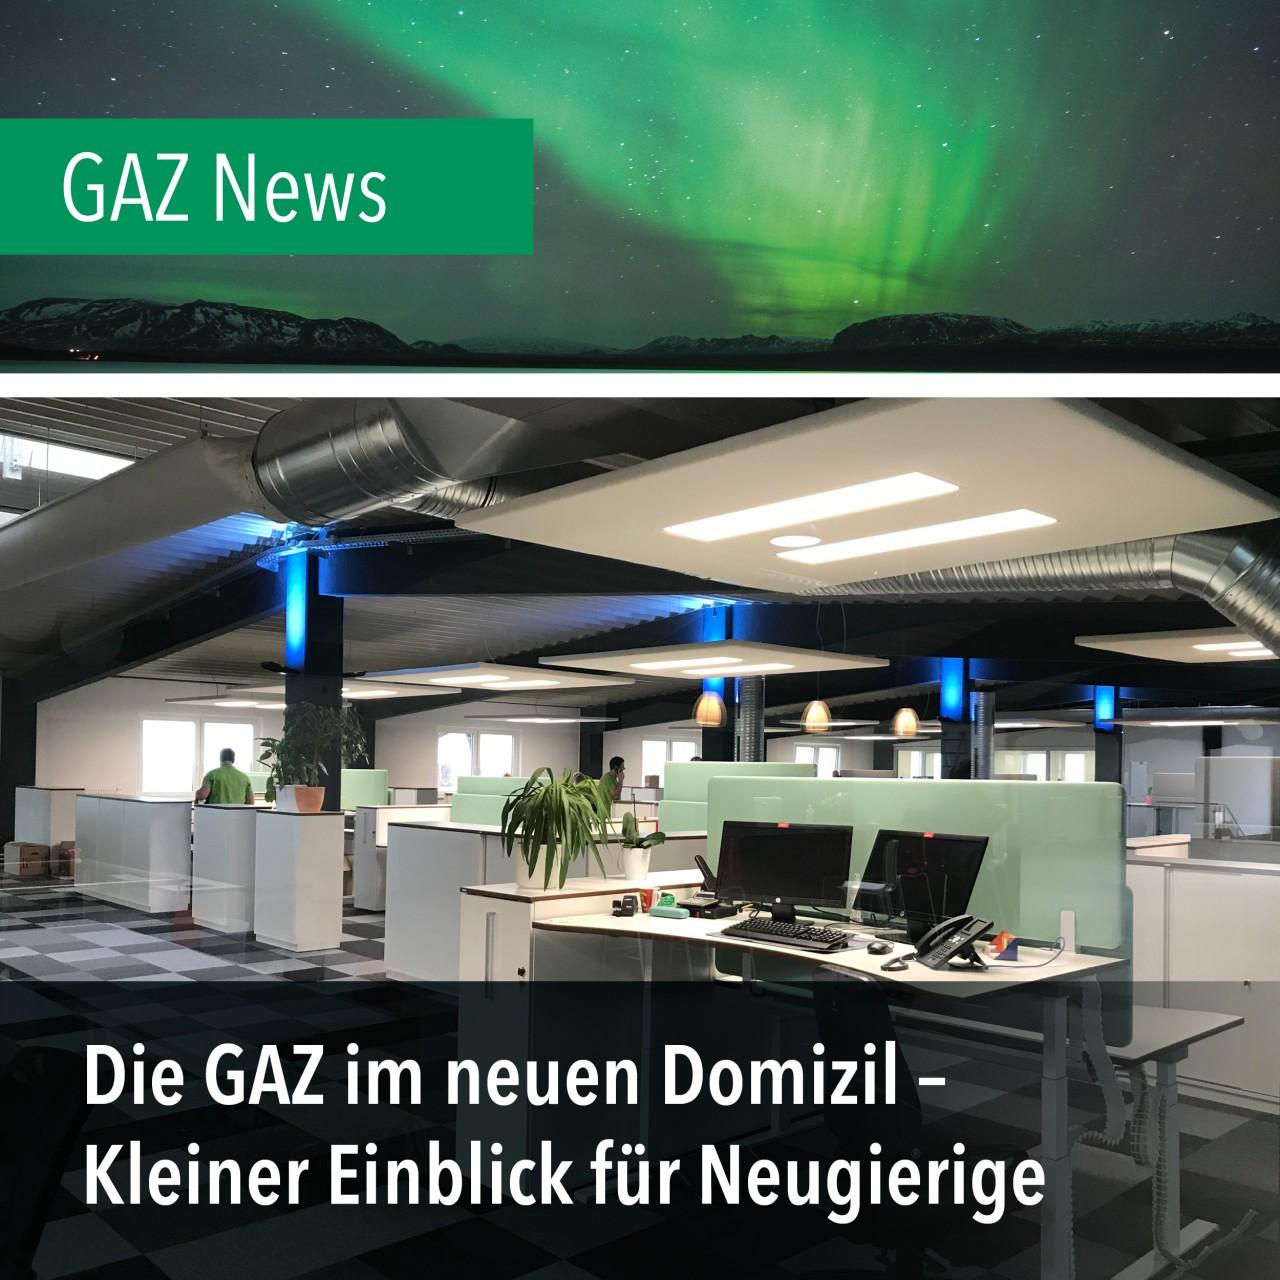 neues_domizil_gaz_600x600px